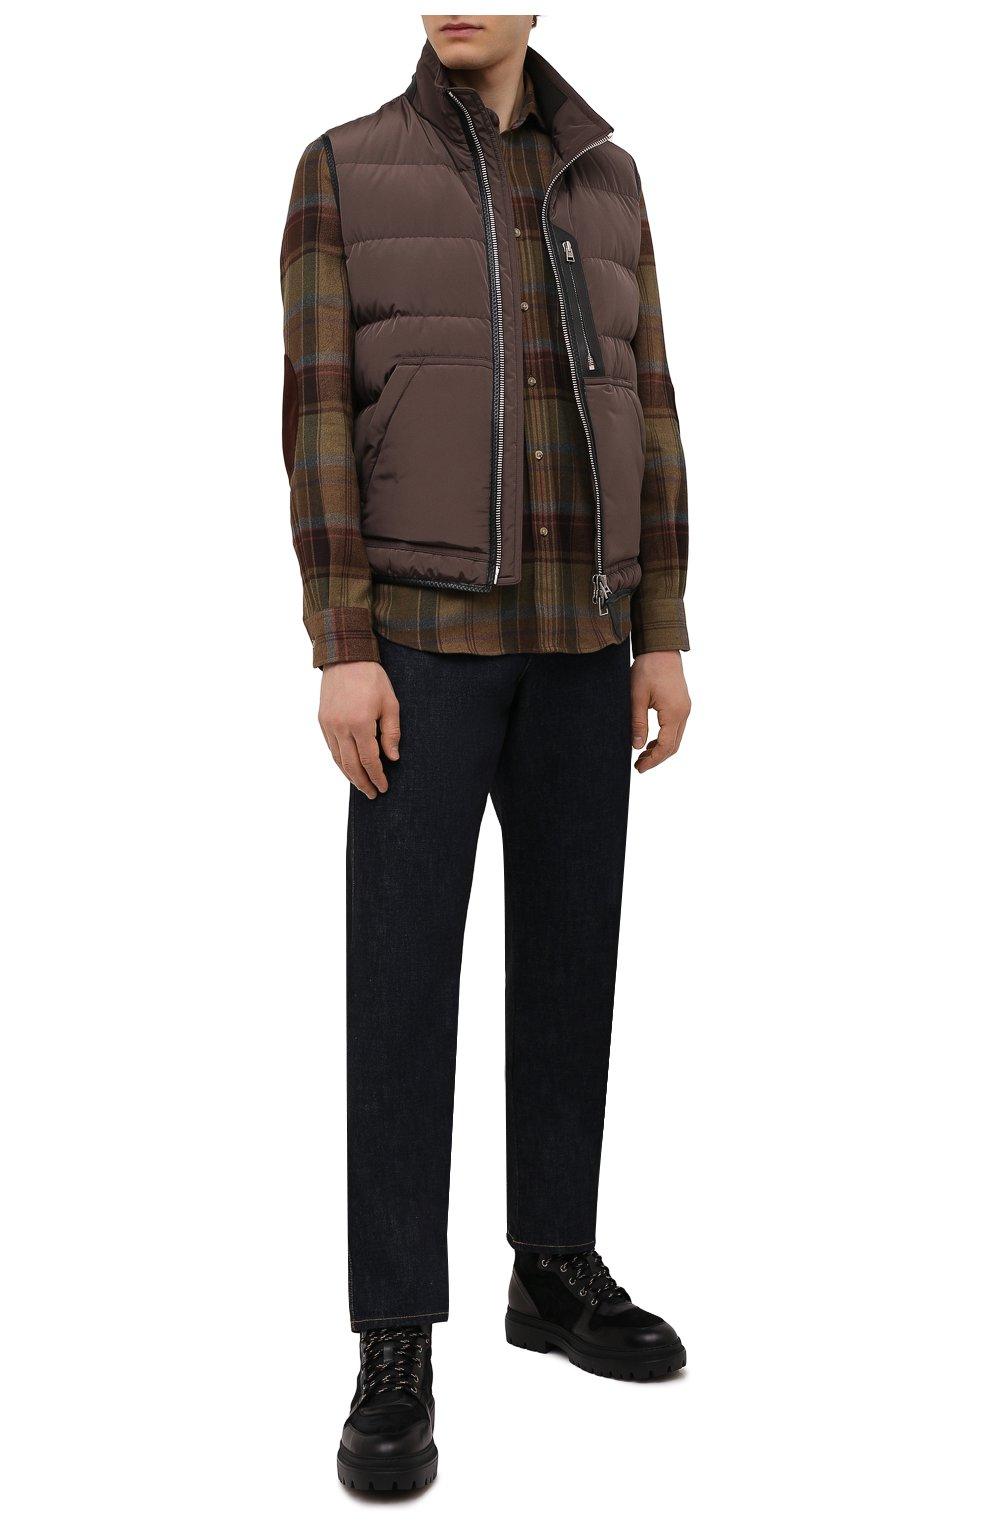 Мужские комбинированные ботинки H`D`S`N BARACCO черного цвета, арт. 81530.VMN.0* | Фото 2 (Материал утеплителя: Натуральный мех; Мужское Кросс-КТ: Хайкеры-обувь, Ботинки-обувь, зимние ботинки; Подошва: Массивная)